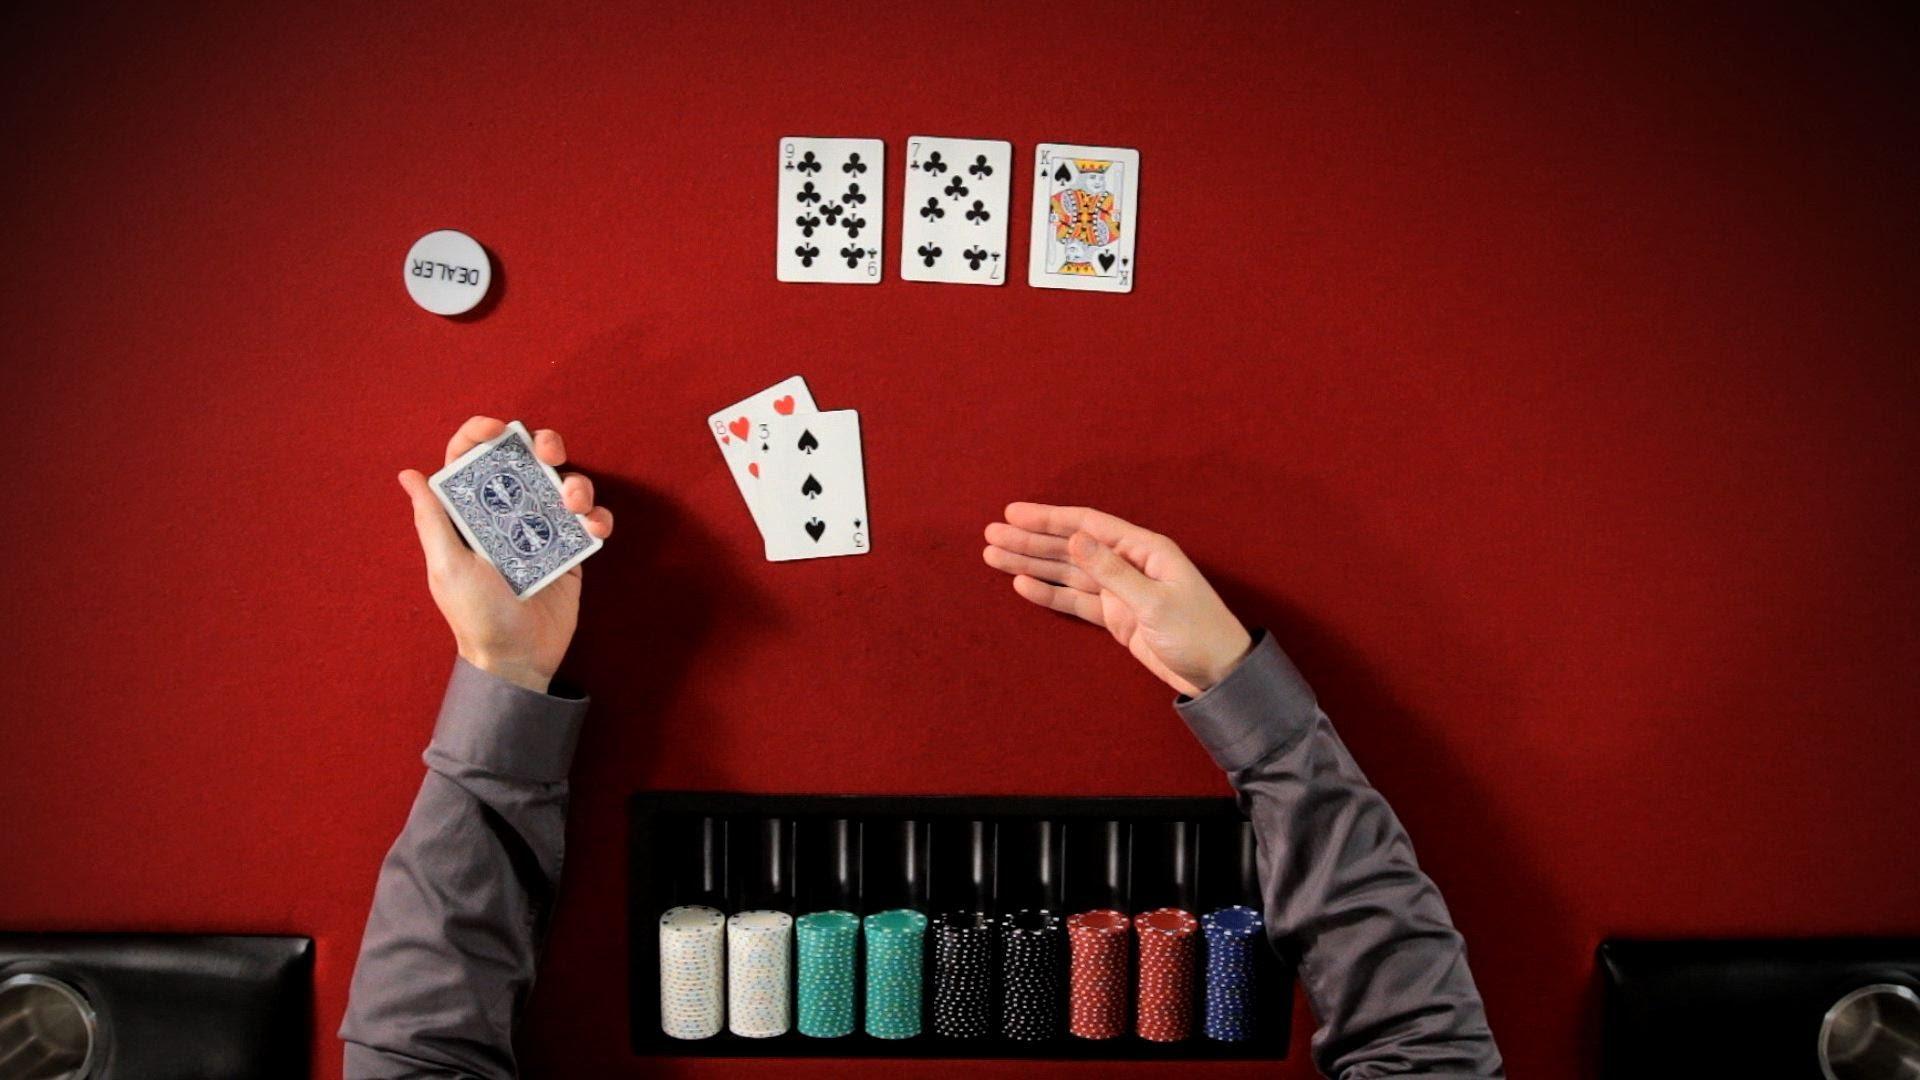 Pokerspieler mit Karten und Chips beim Spielen